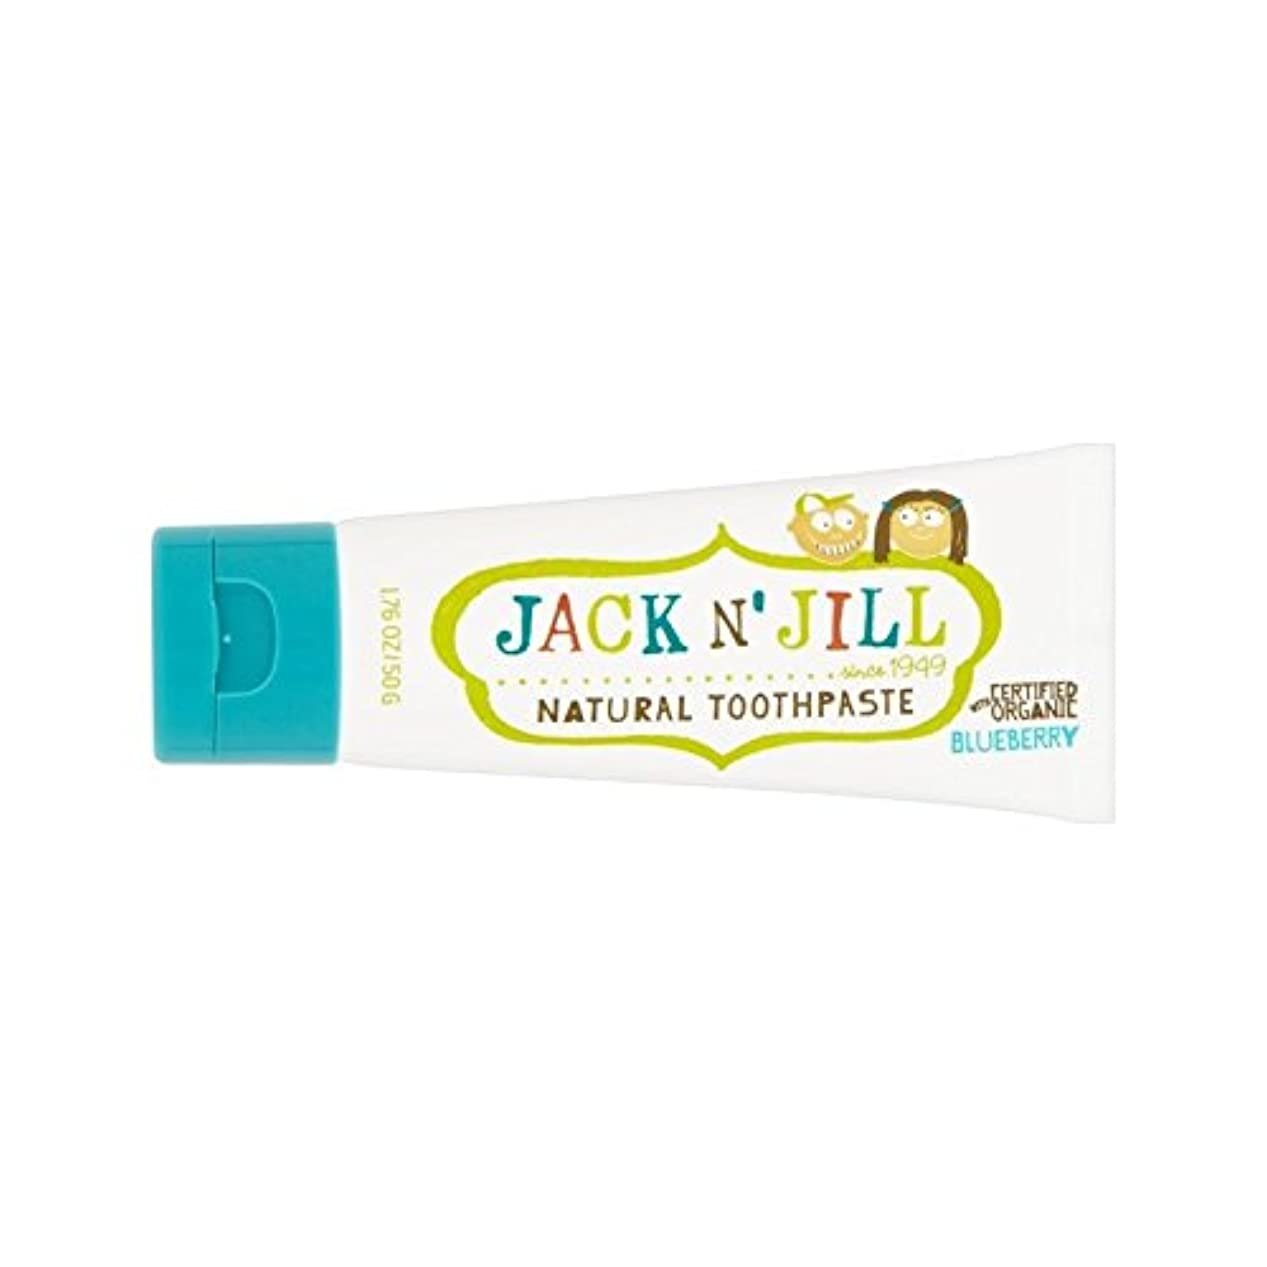 シネウィ抽象化カスケード有機香味50グラムとの自然なブルーベリー歯磨き粉 (Jack N Jill) - Jack N' Jill Blueberry Toothpaste Natural with Organic Flavouring 50g...